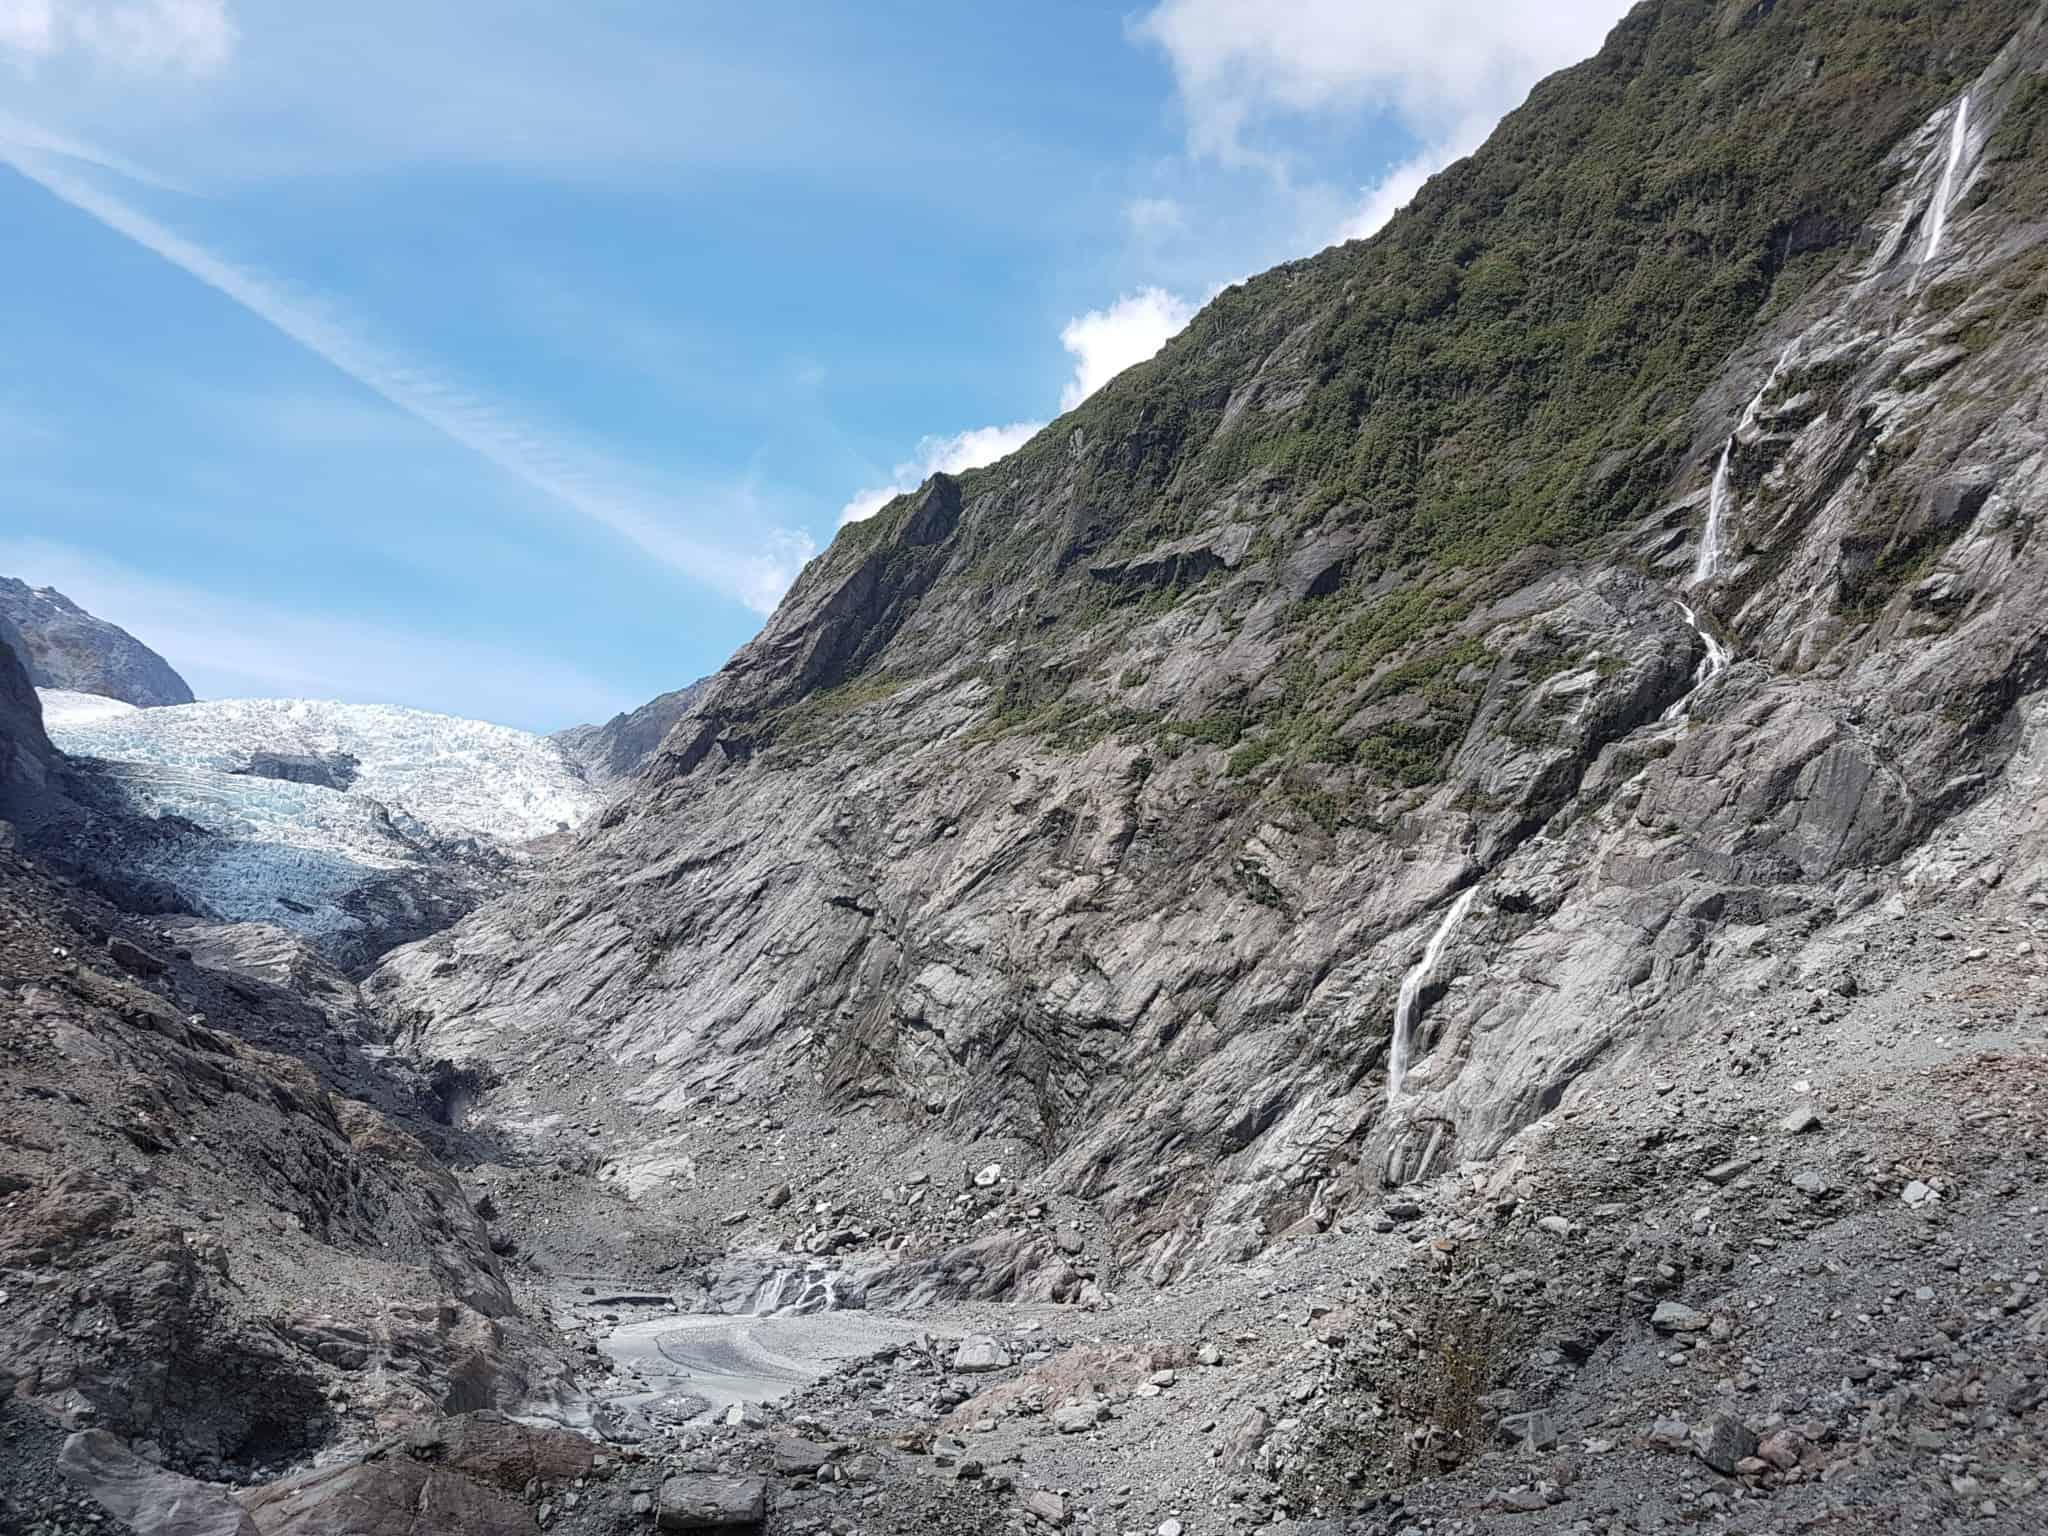 Nouvelle-Zélande, on chausse les baskets pour voir le Glacier Franz Josef 👟 9